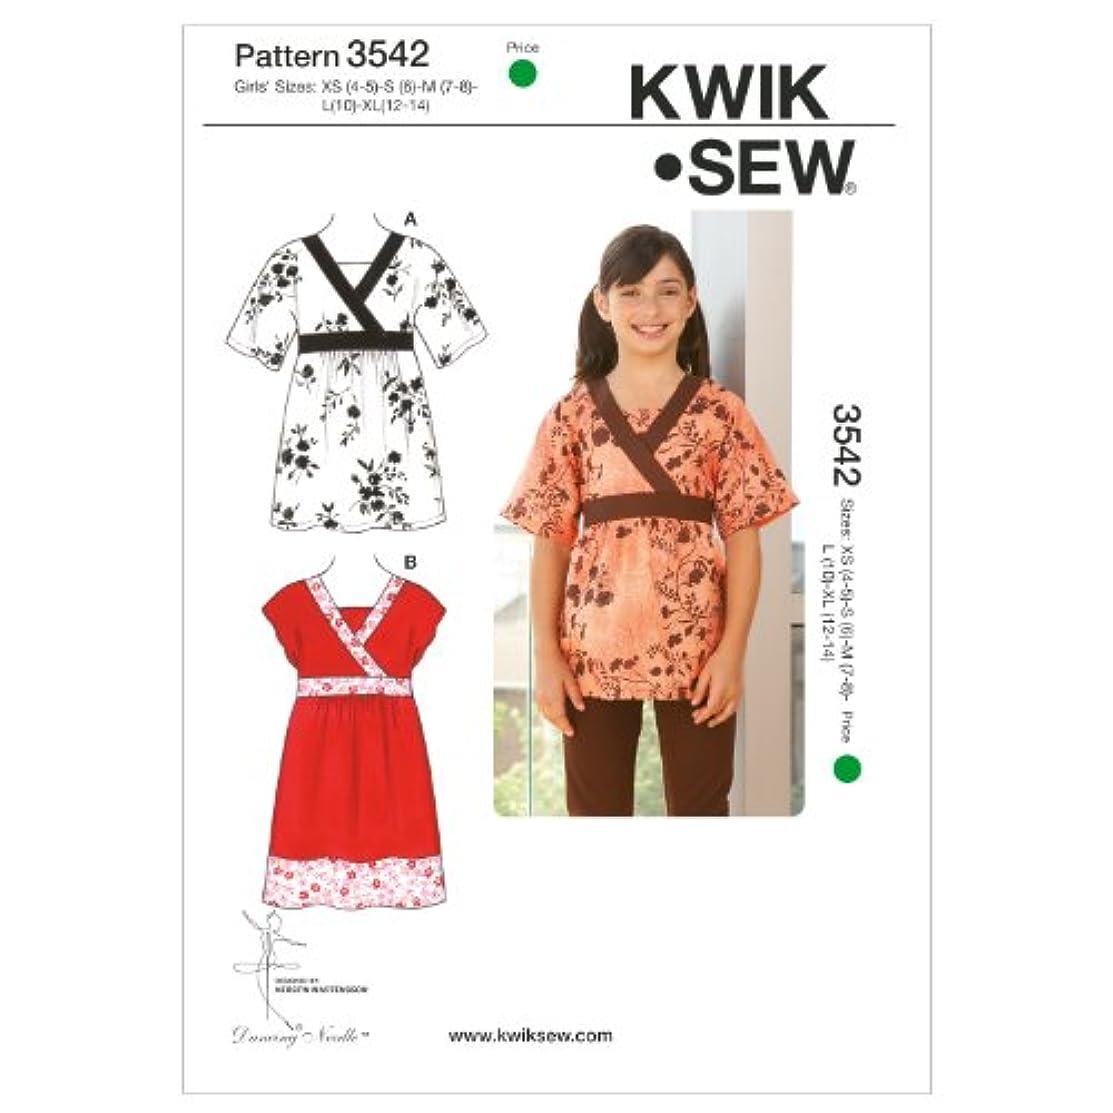 Kwik Sew K3542 Tunic and Dress Sewing Pattern, Size XS-S-M-L-XL